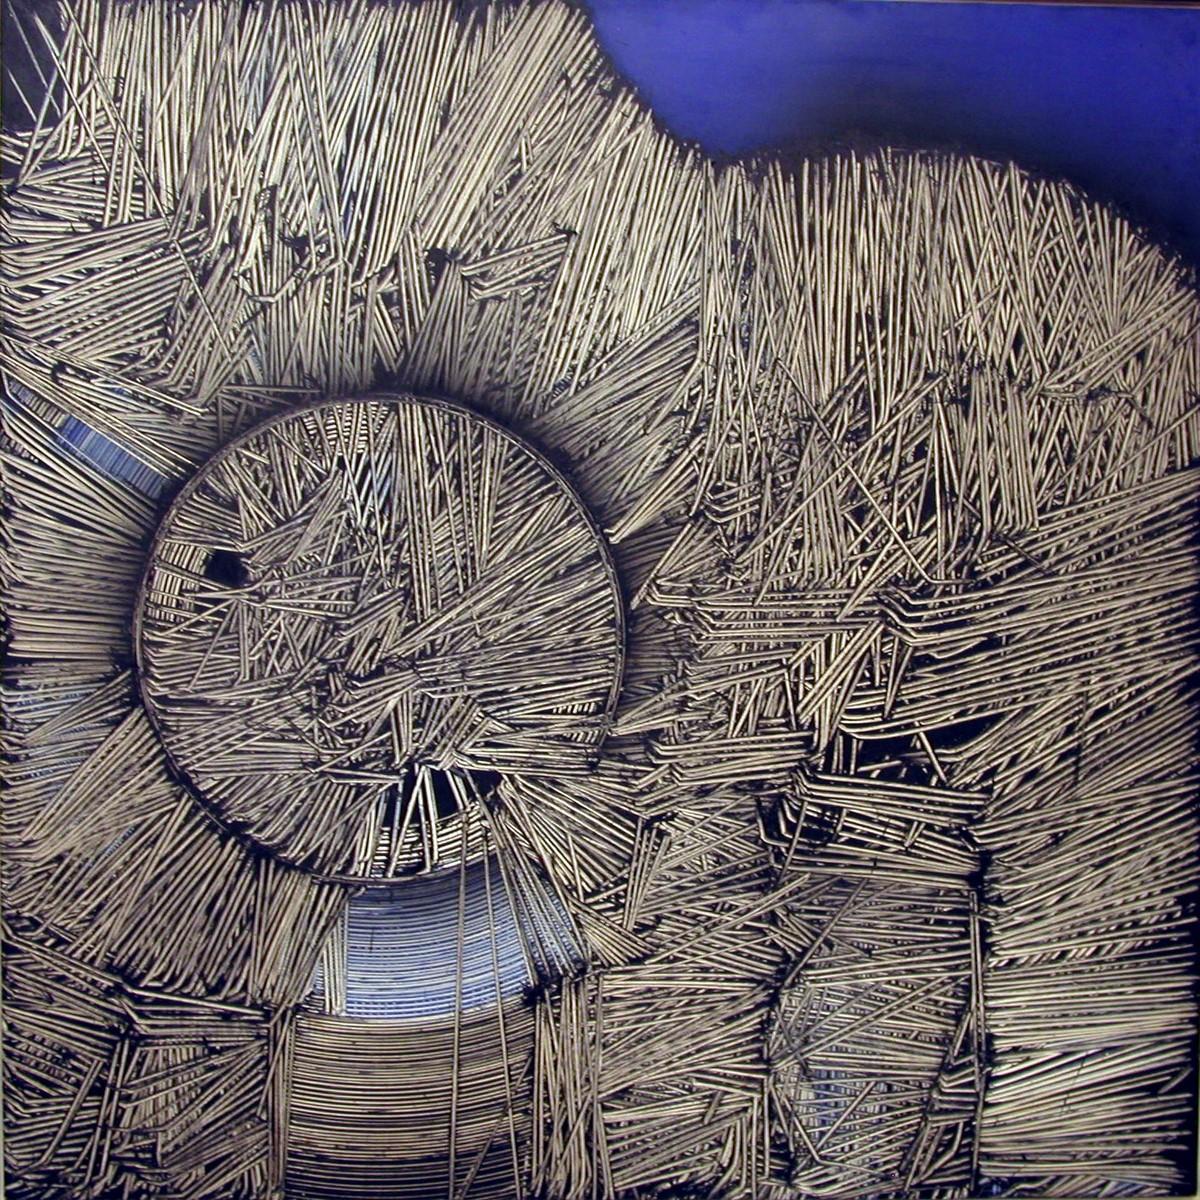 Emilio Scanavino, Tramatura sull'azzurro, olio su legno, 1970